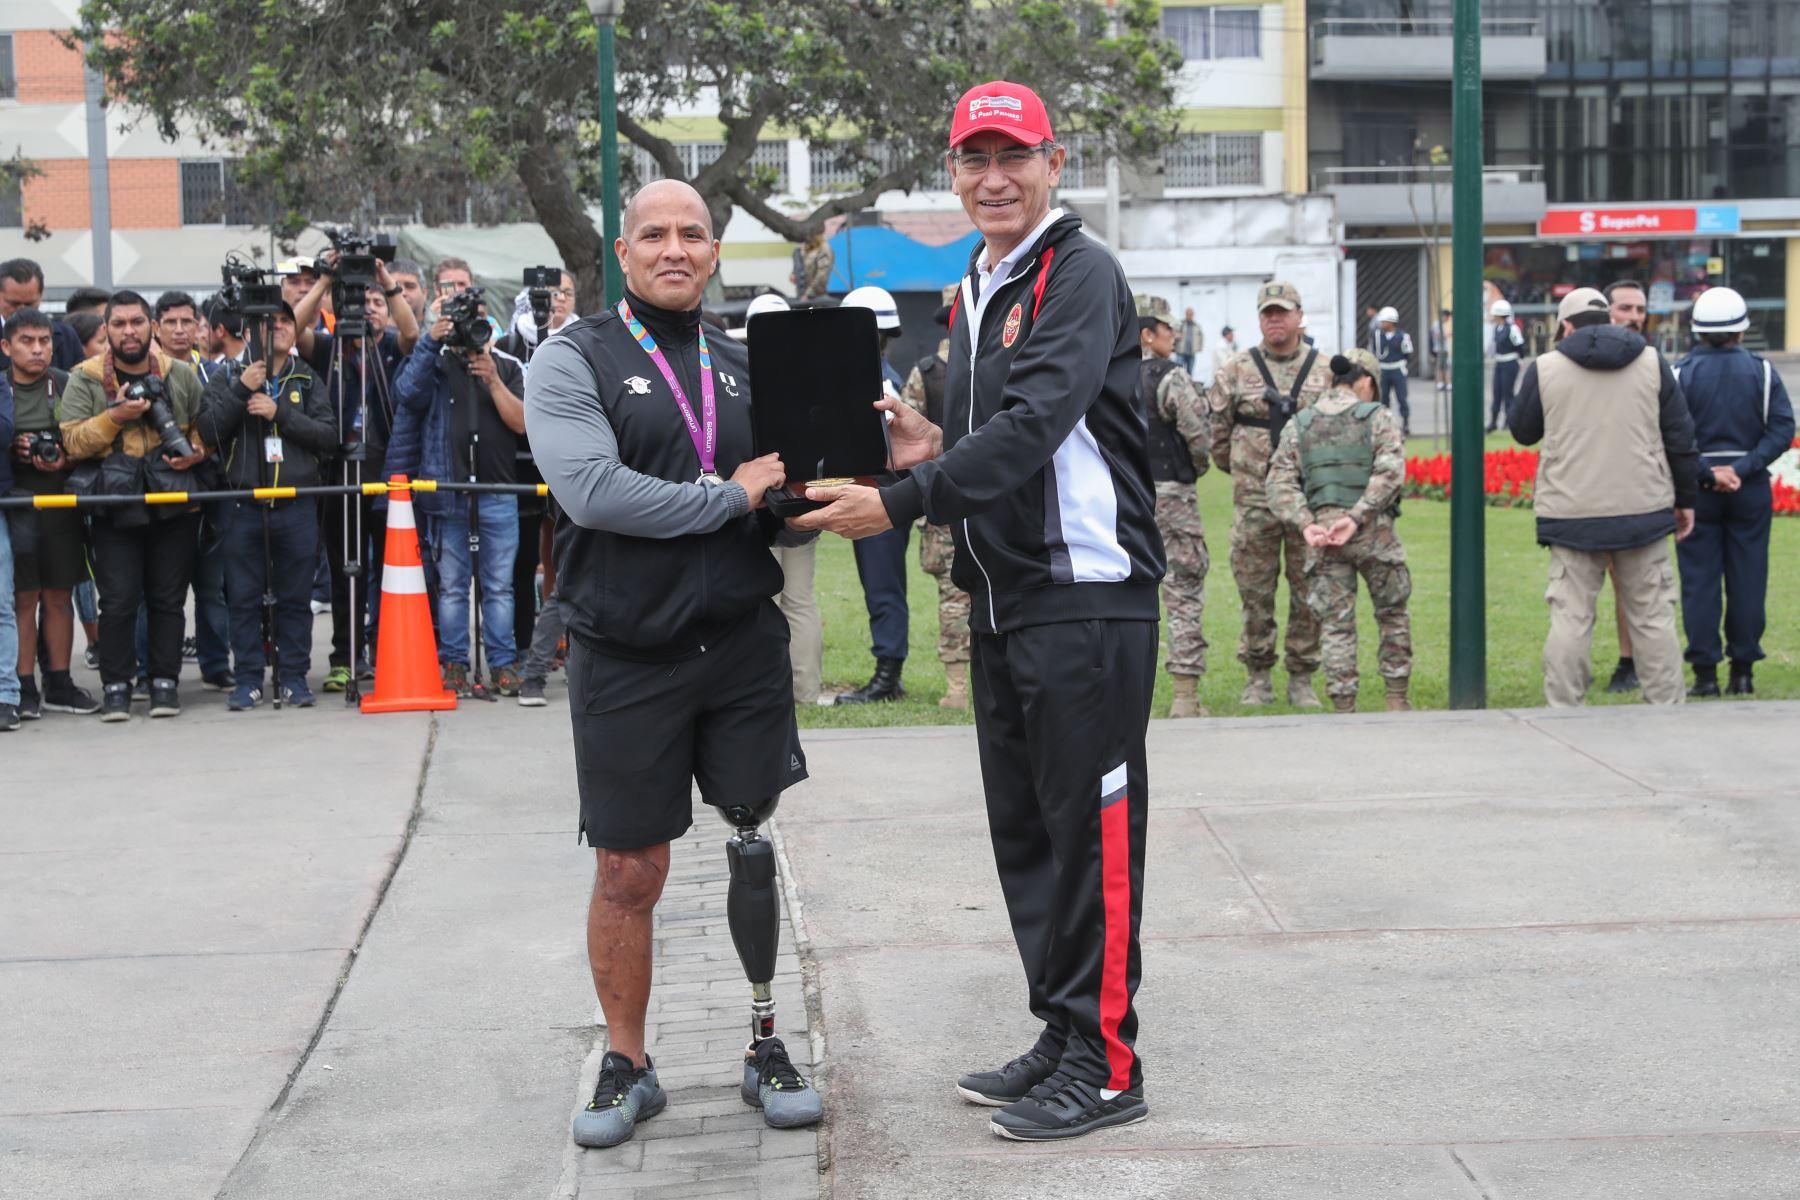 En el marco del día de las Fuerzas Armadas, presidente Vizcarra premia a Carlos Felipa, medallero en los Juegos Parapanamericanos Lima 2019.  Foto: ANDINA/Mindef